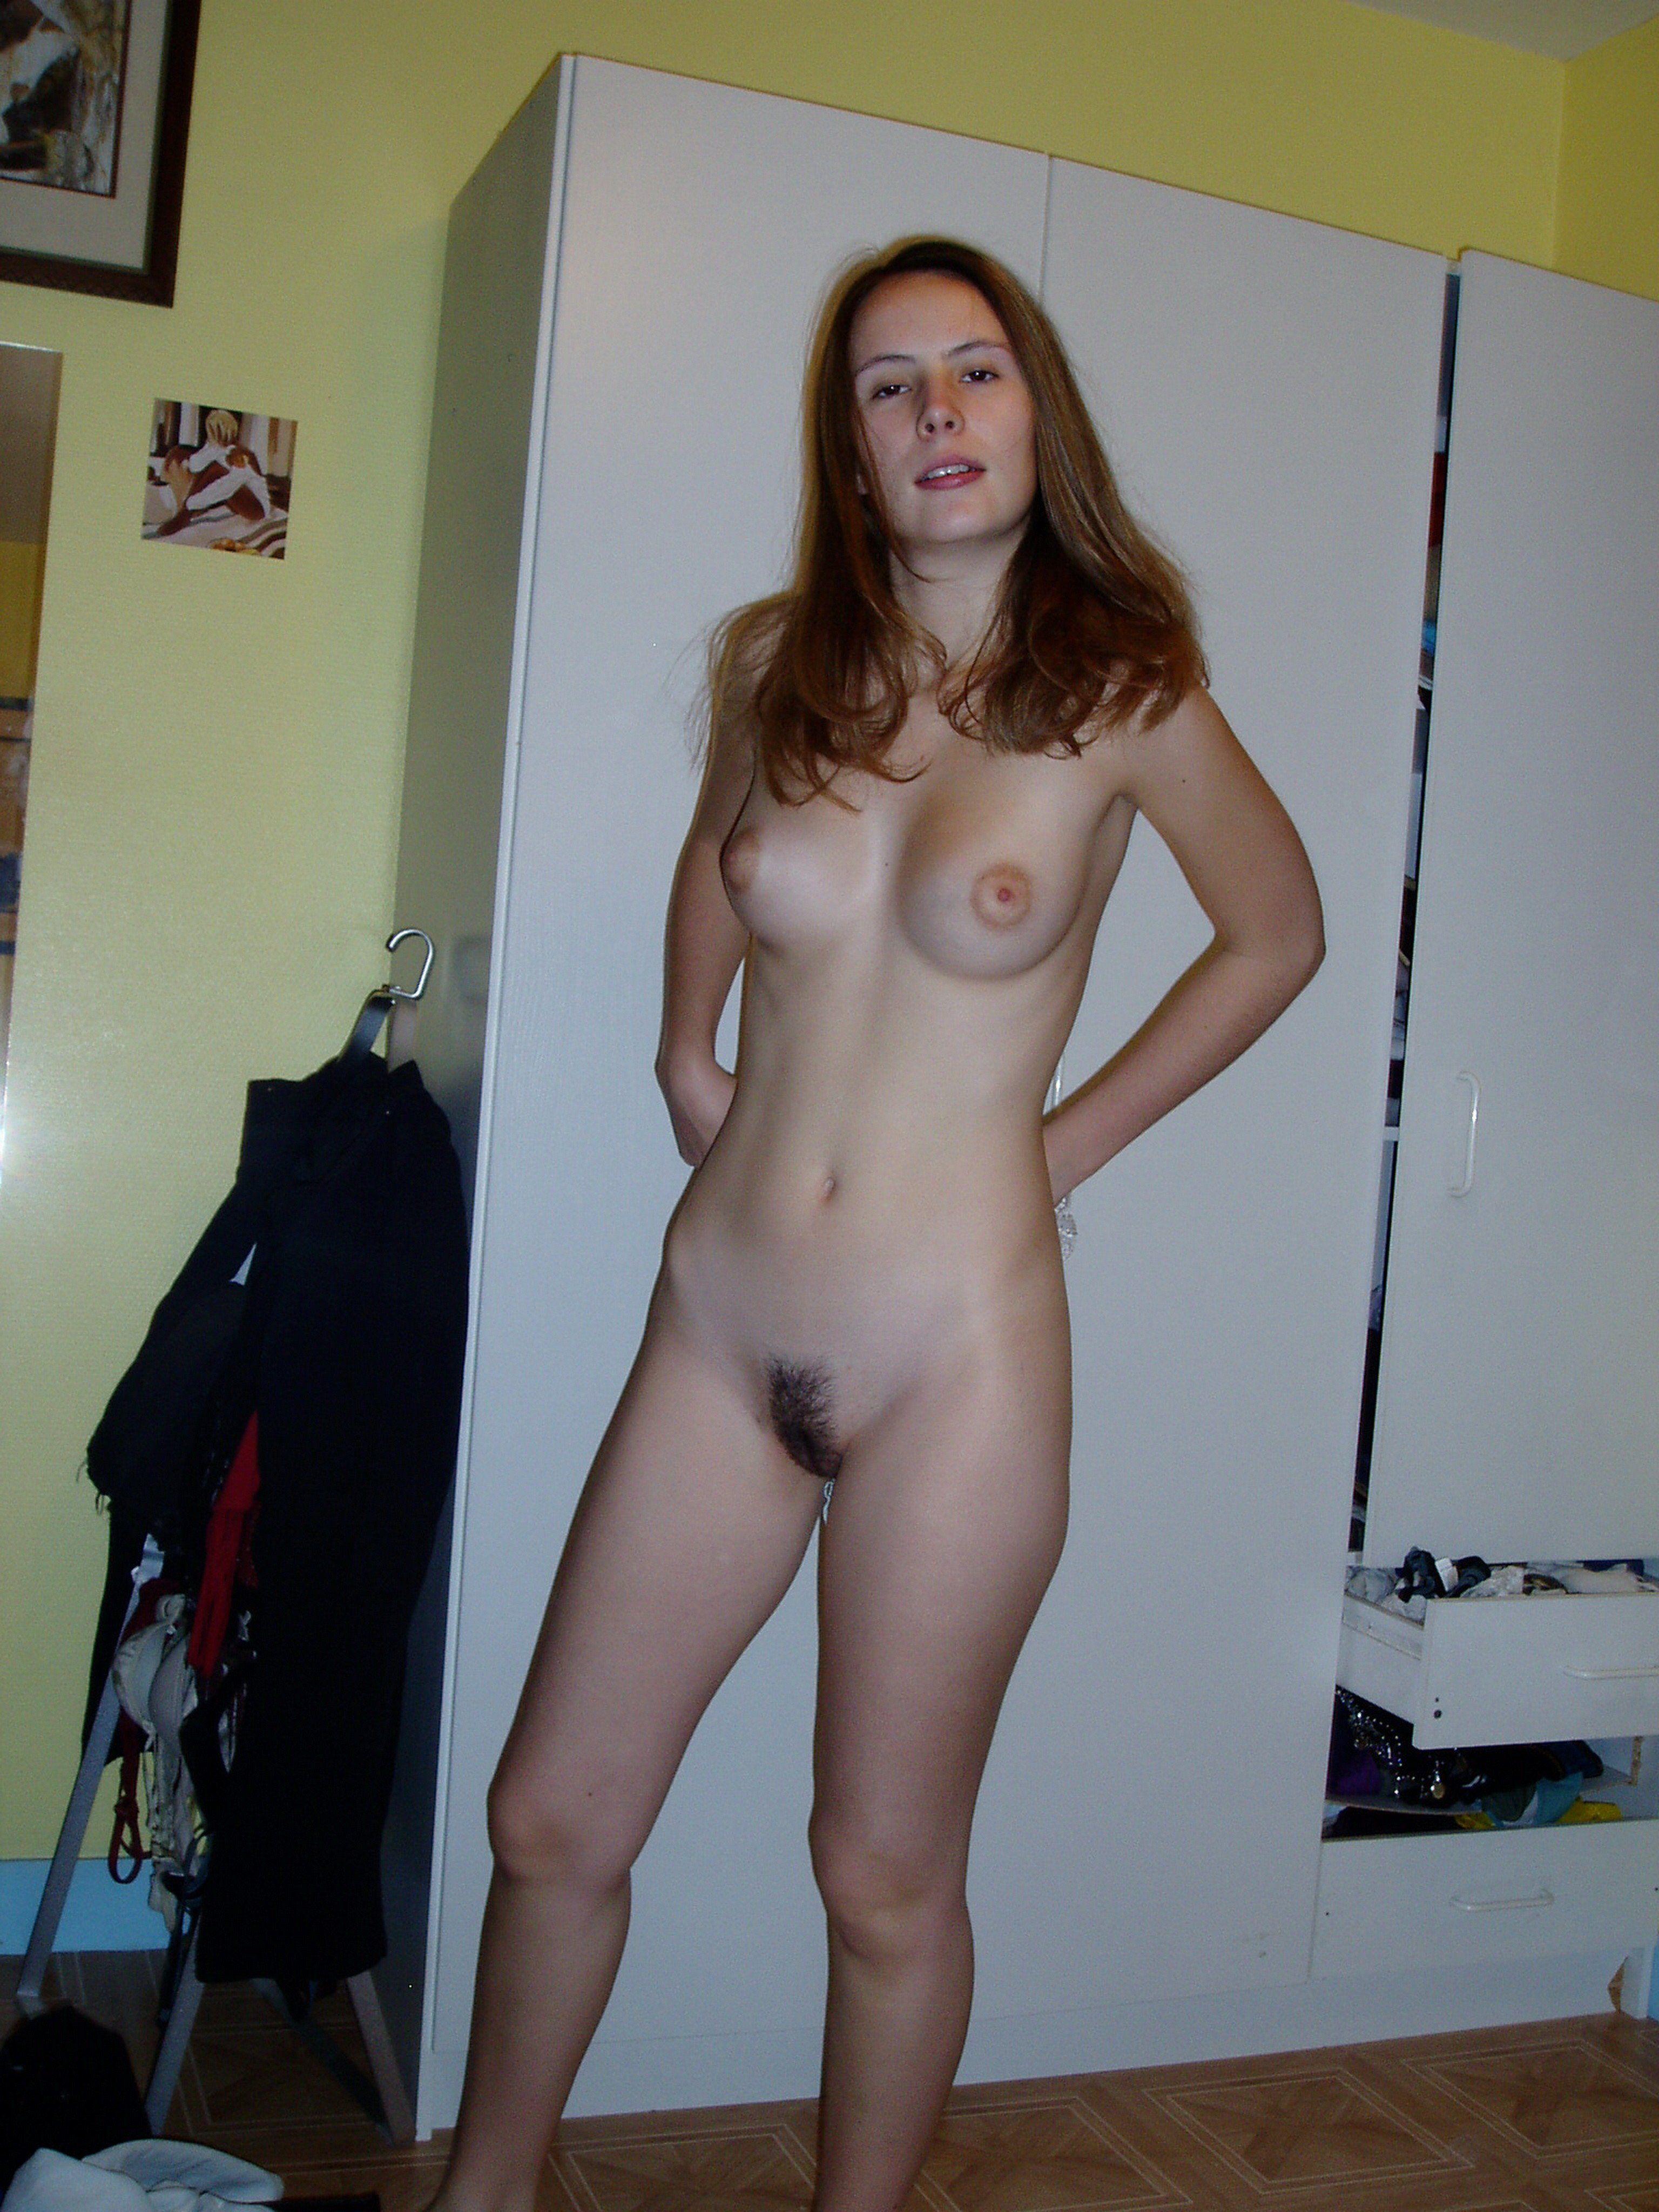 Blonde girls naked sucking dick tumblr